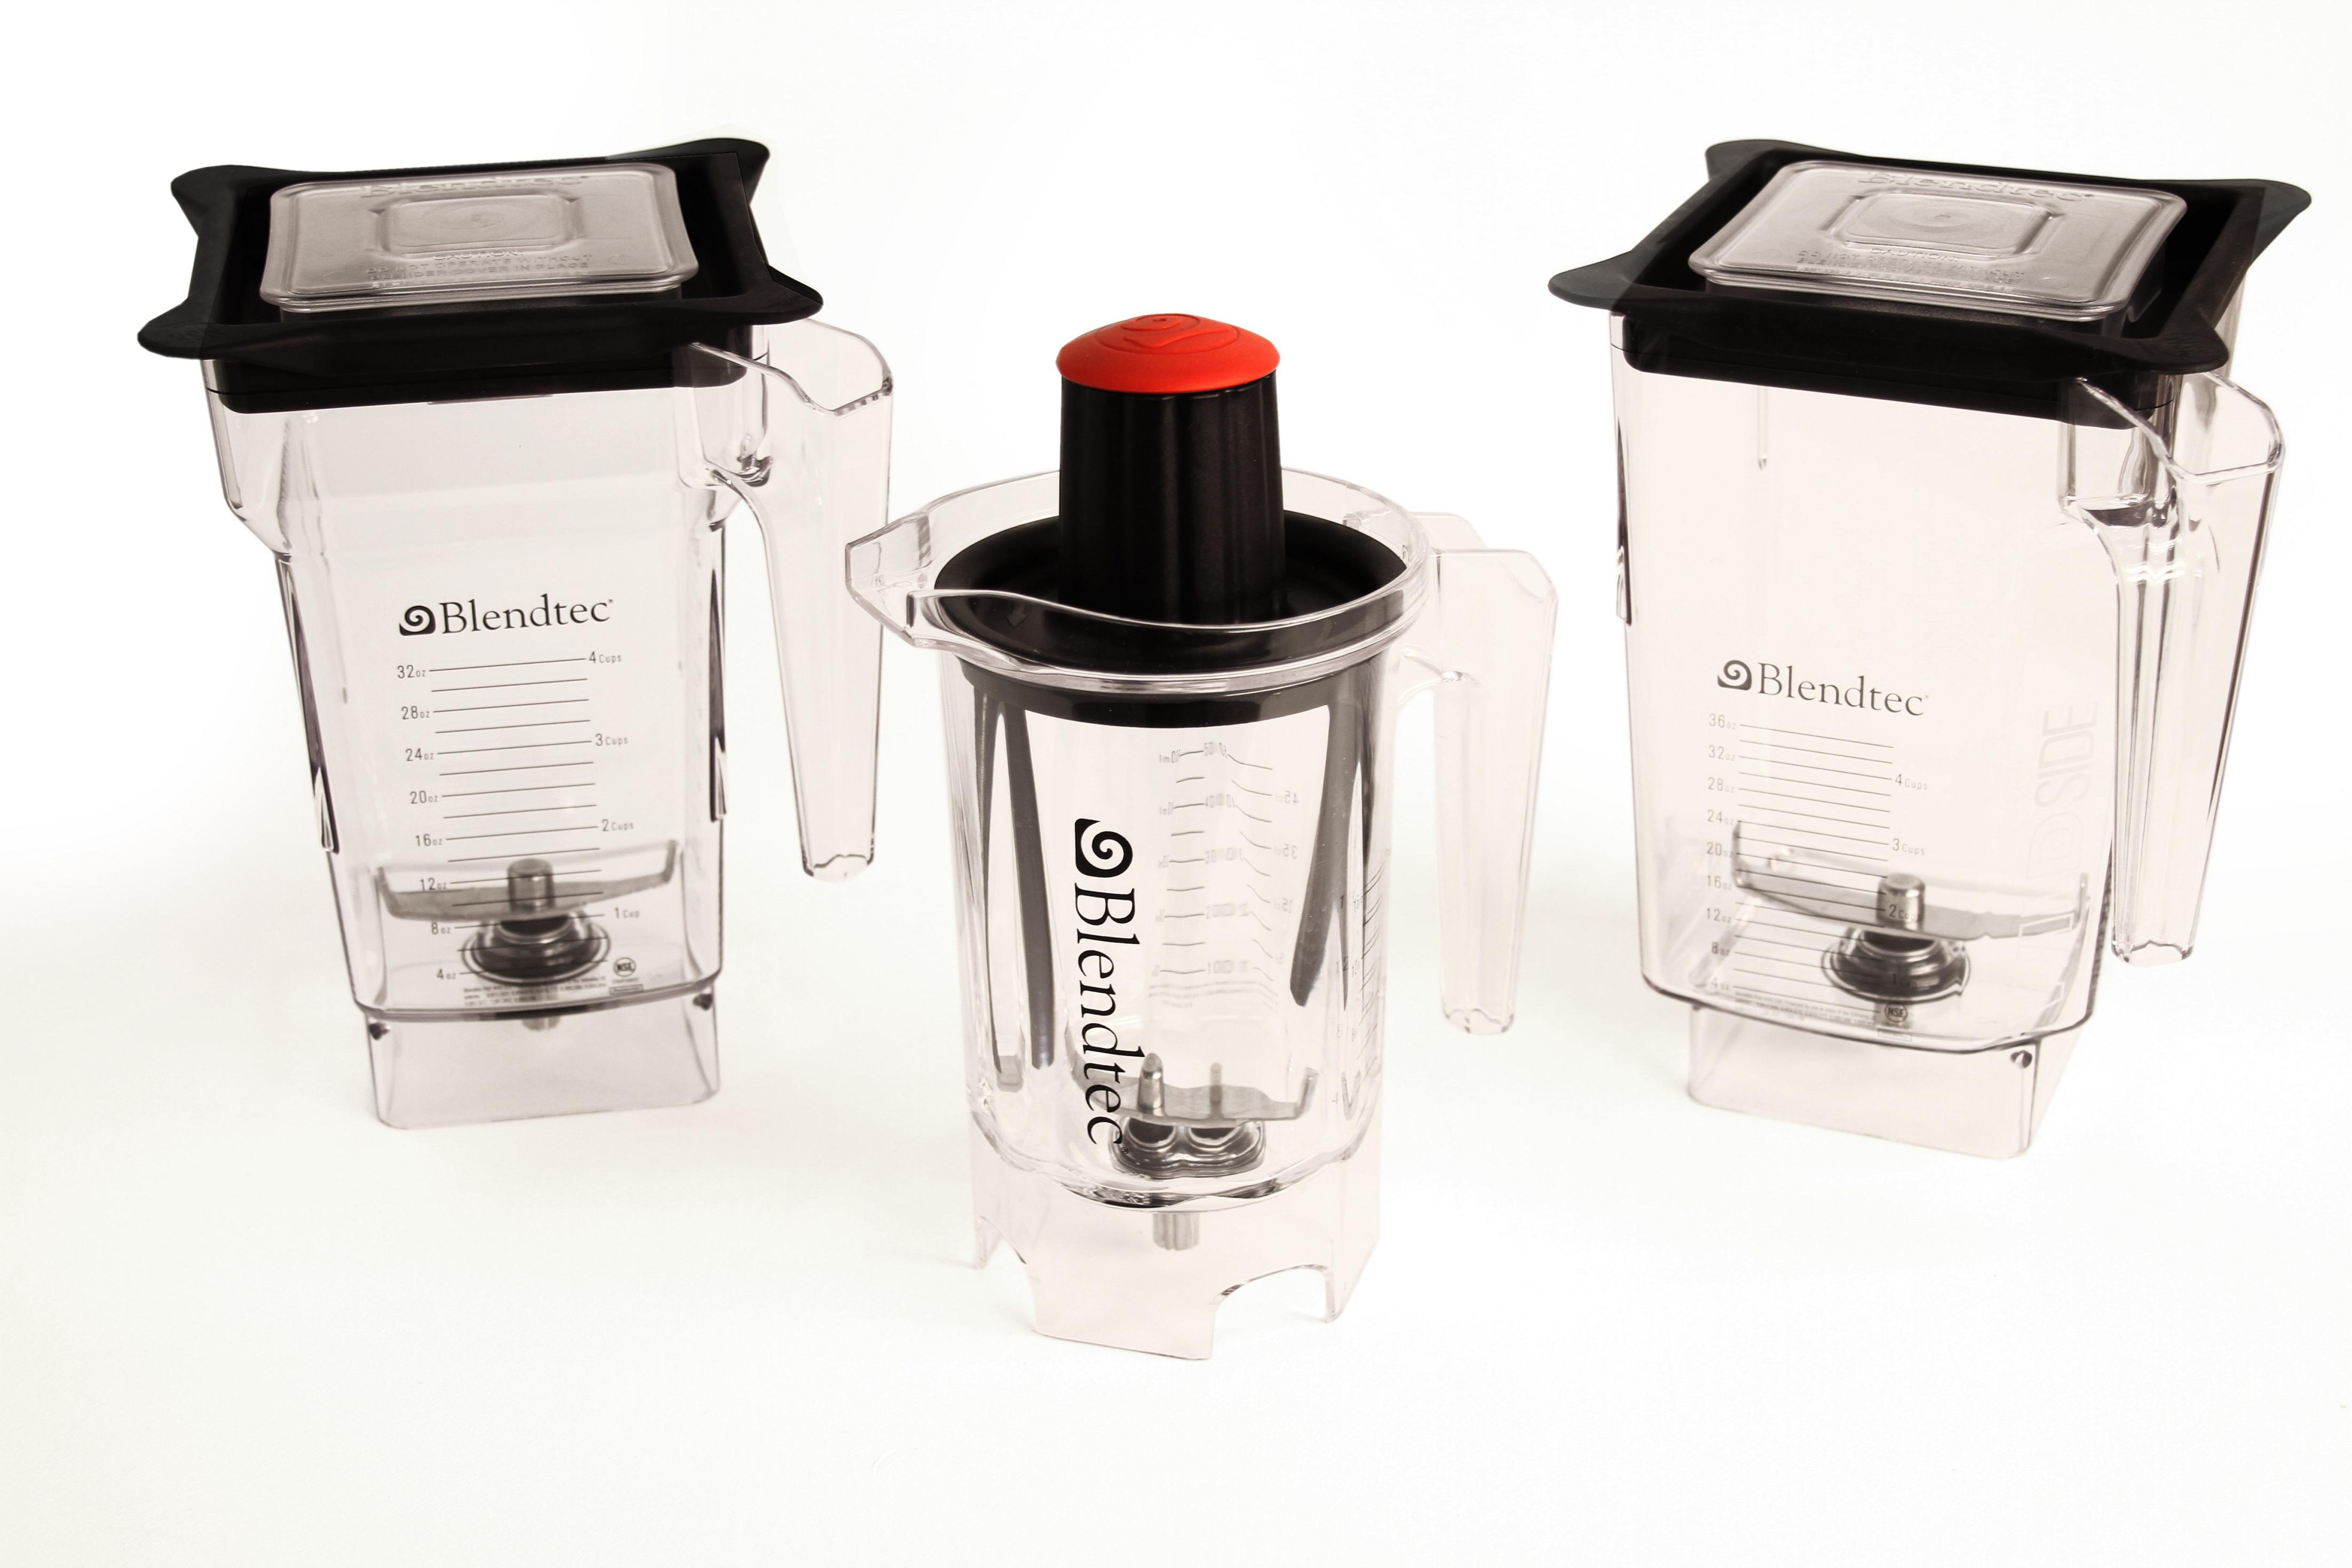 Blendtec's 3 blender jars on white